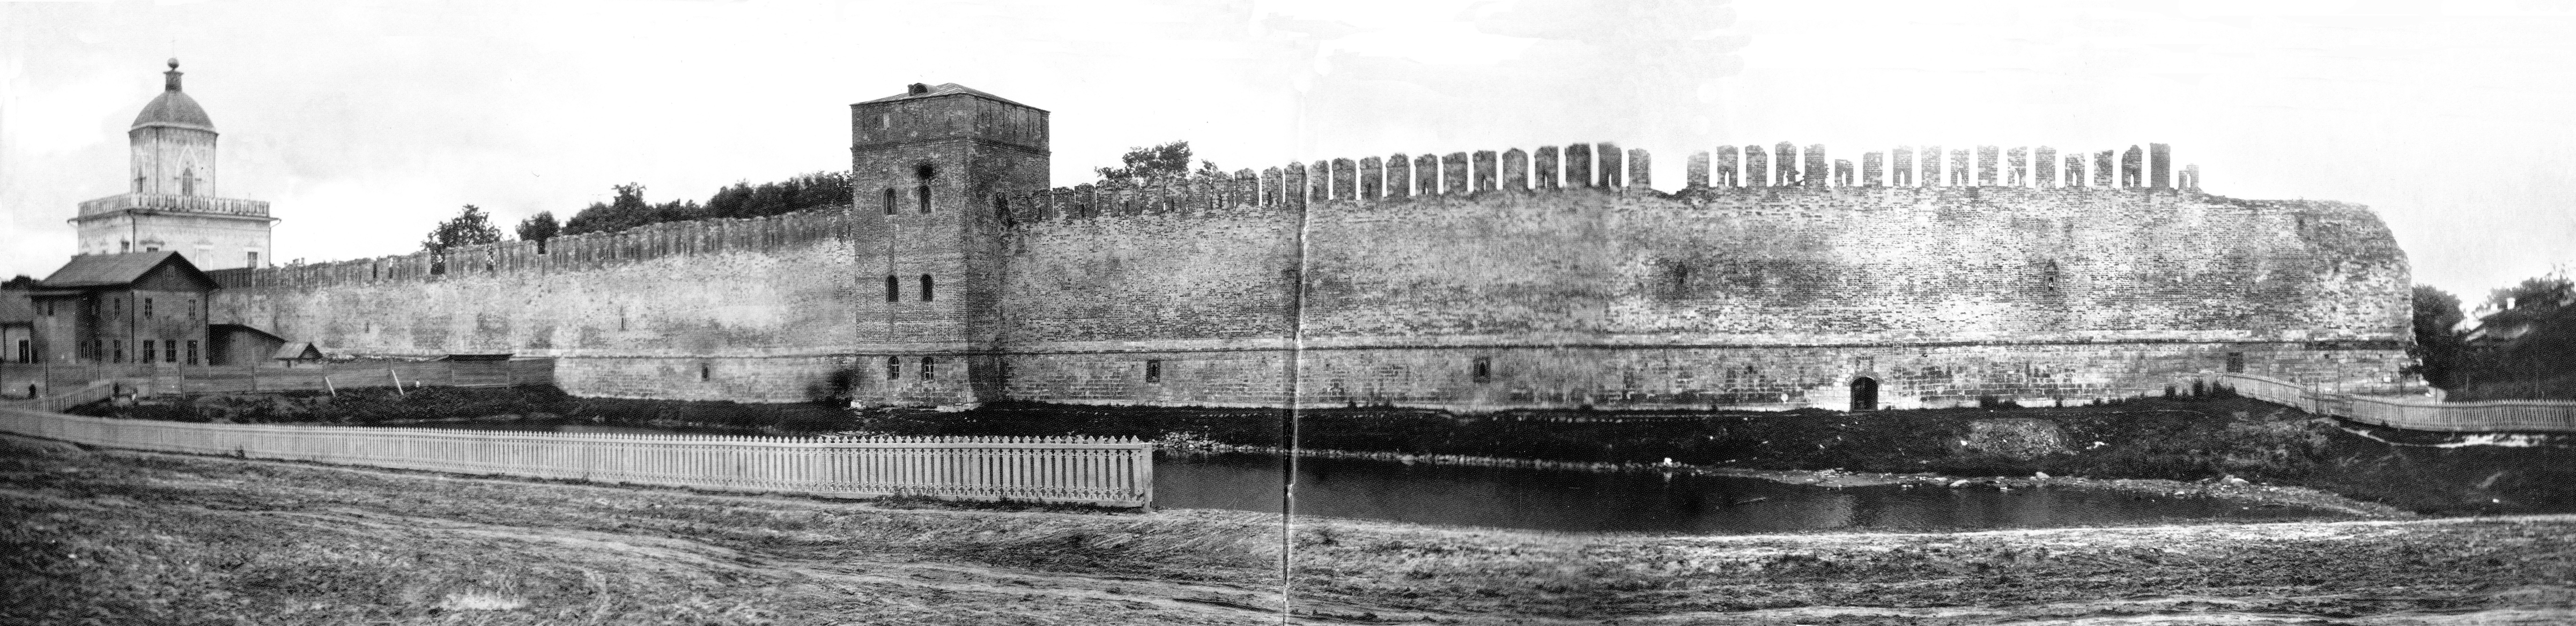 Молоховские ворота и Моховая башня